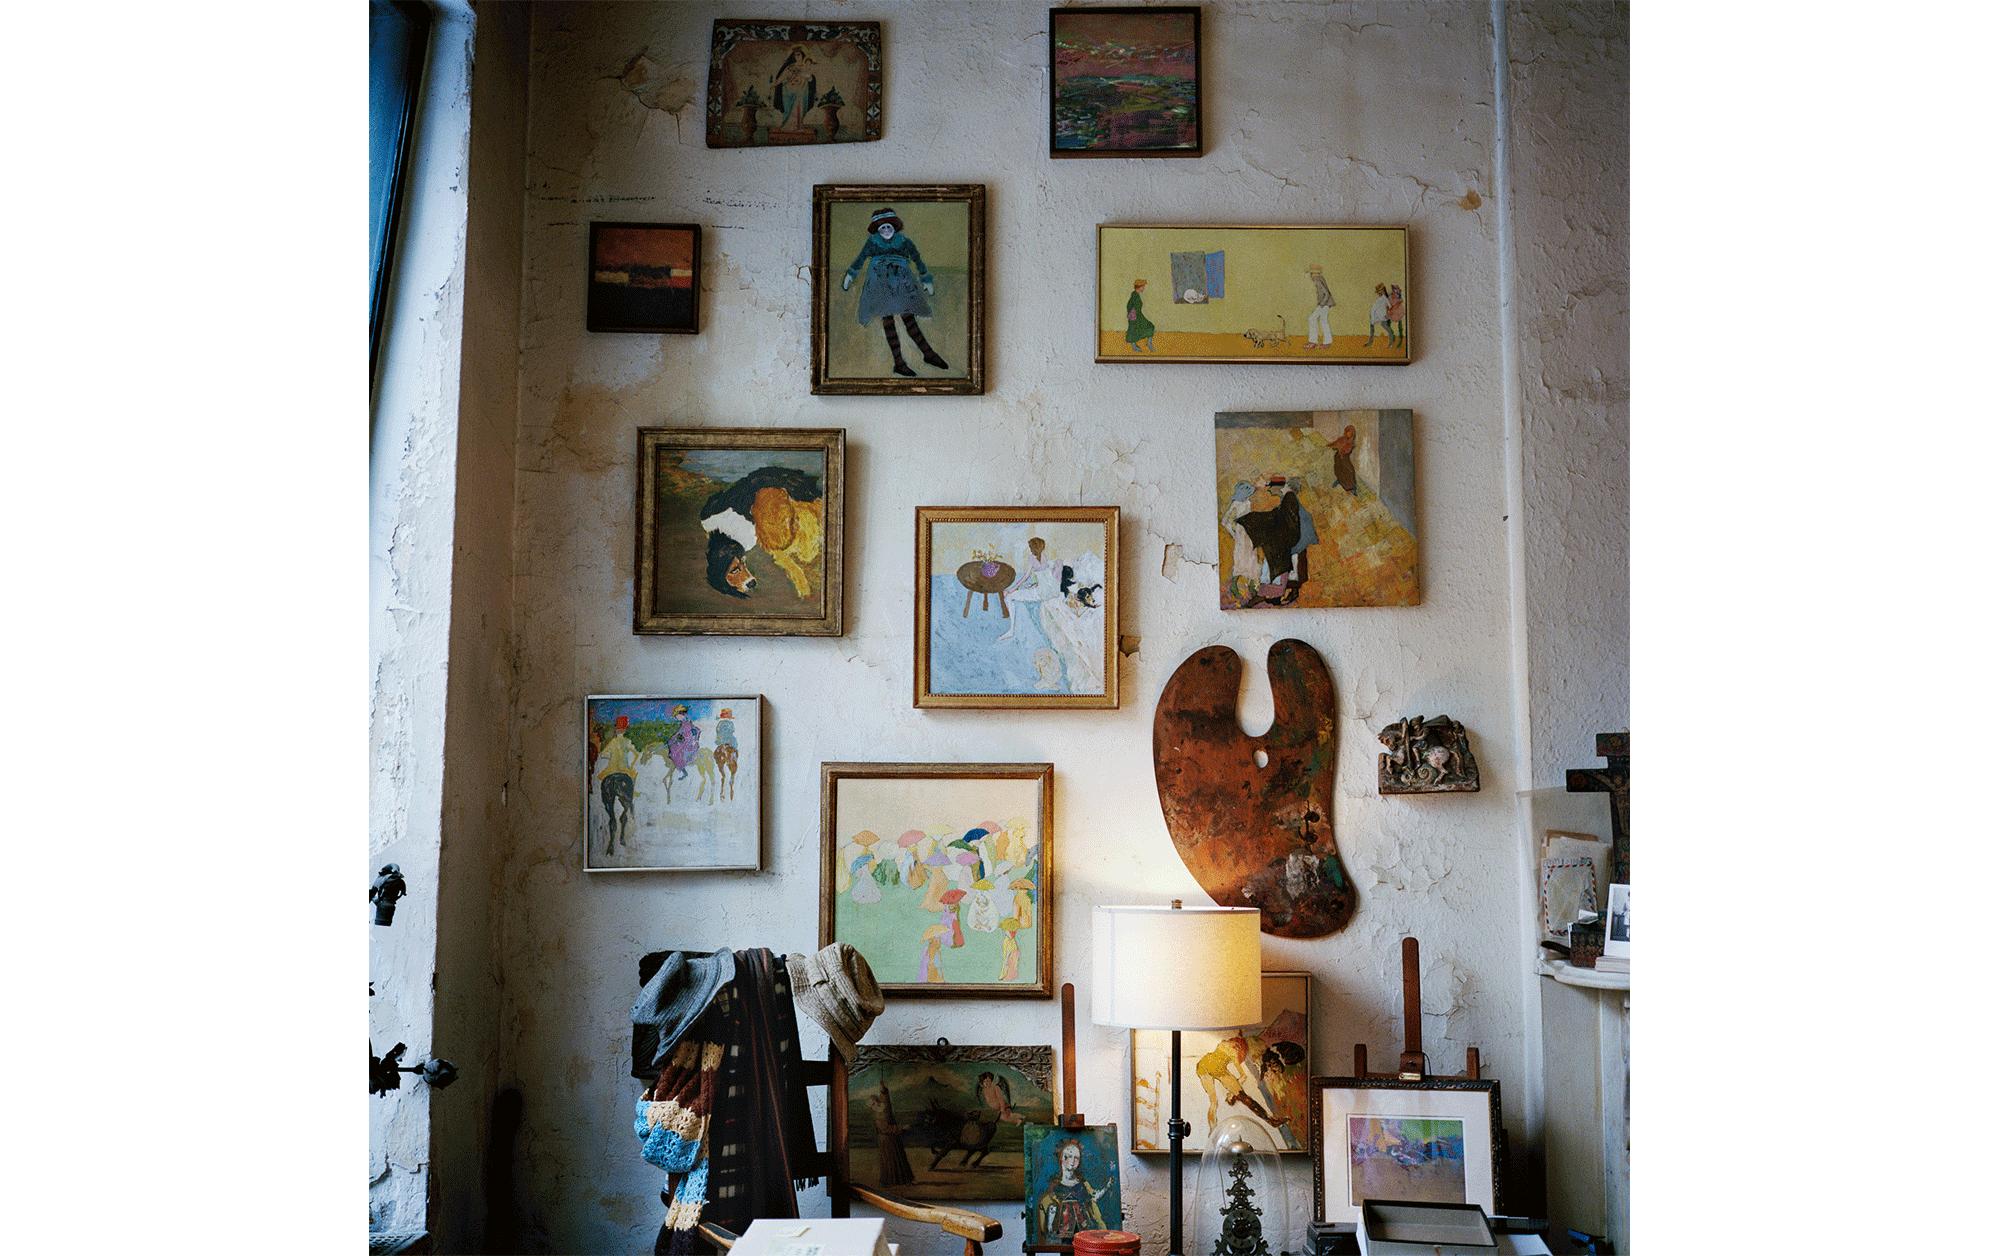 ソール・ライターの部屋